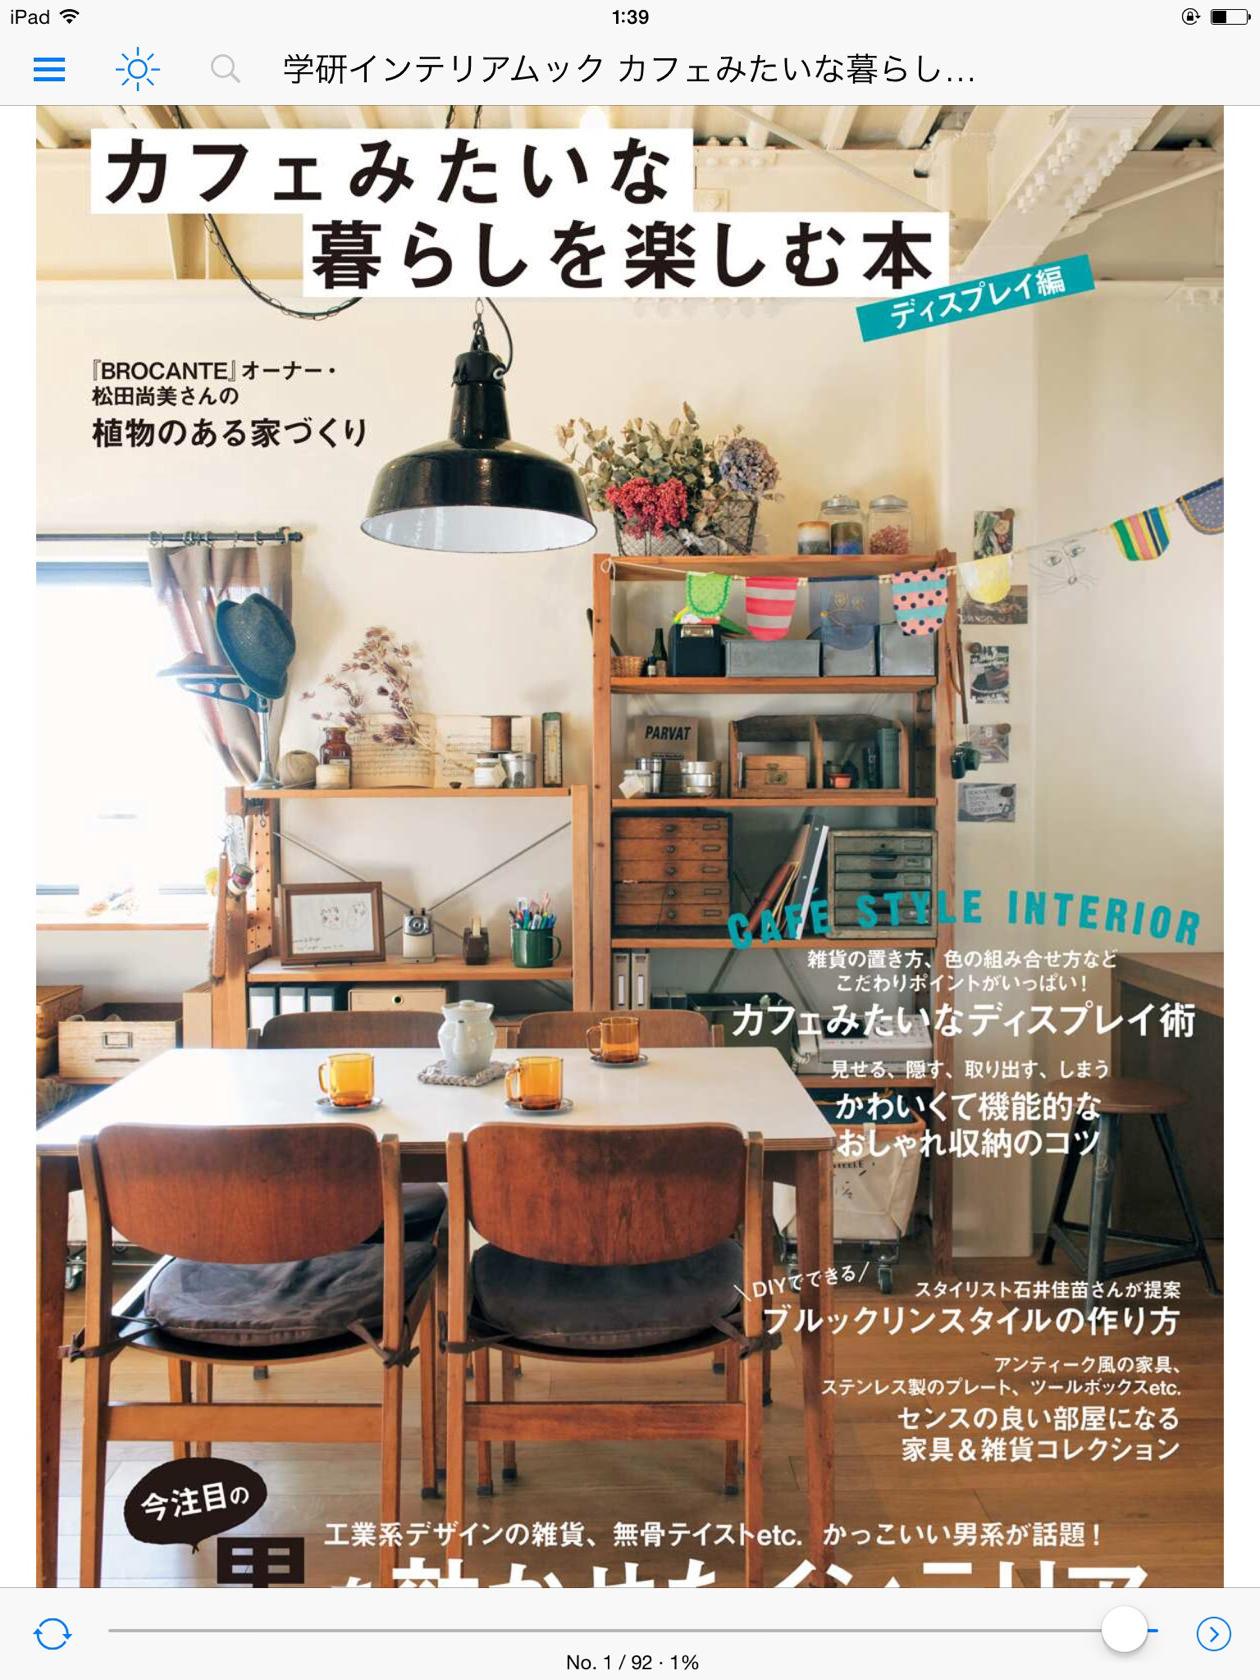 カフェみたいな暮らしを楽しむ本(電子書籍)